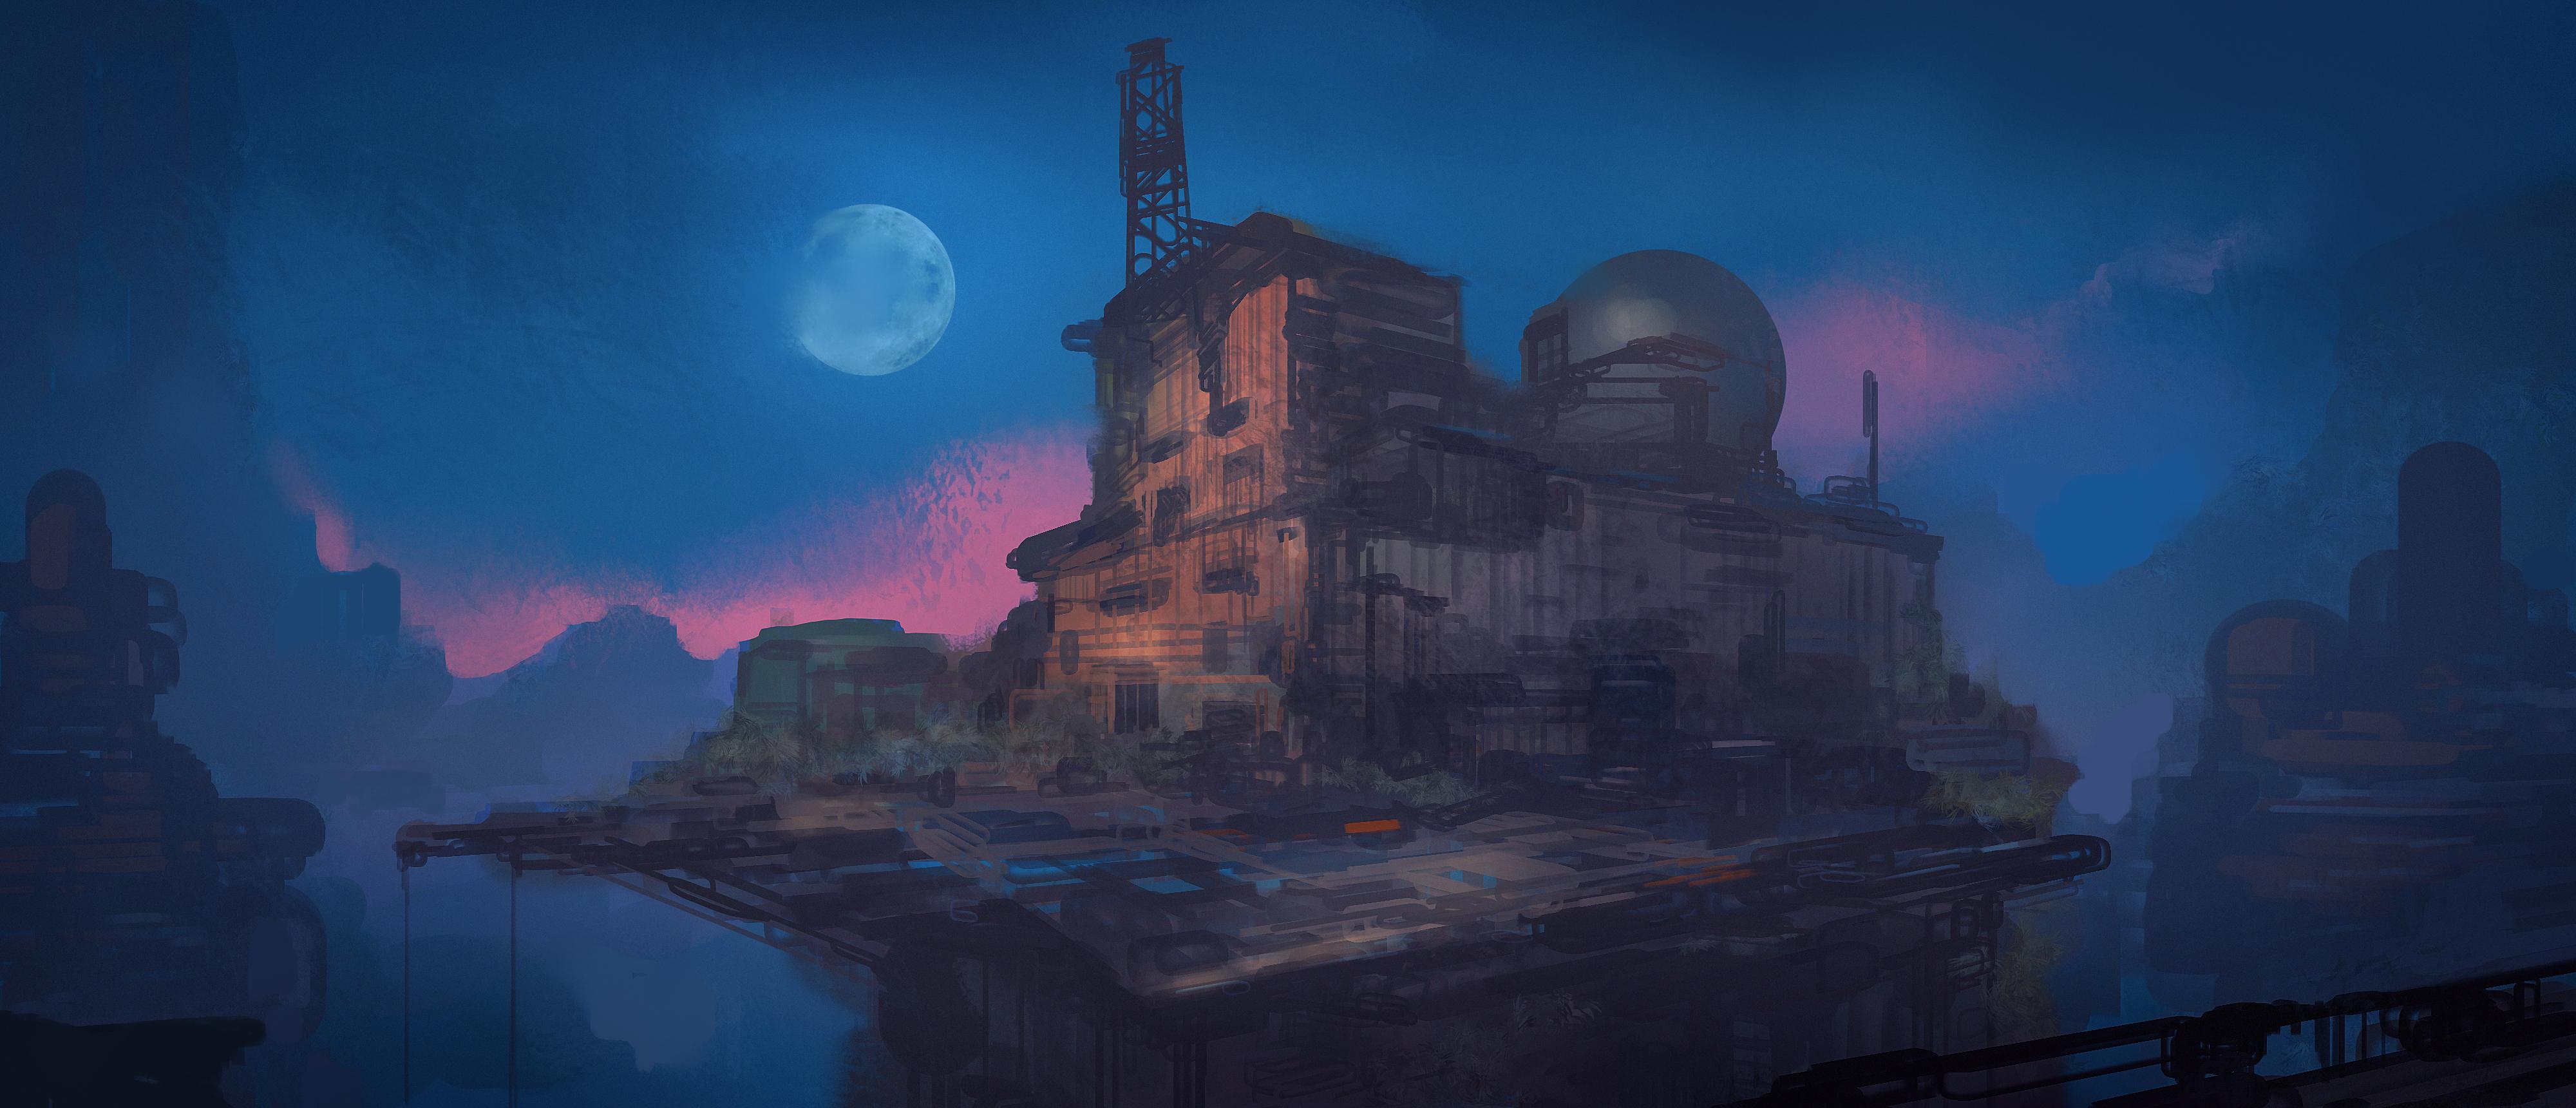 Building Moon Night 4000x1720